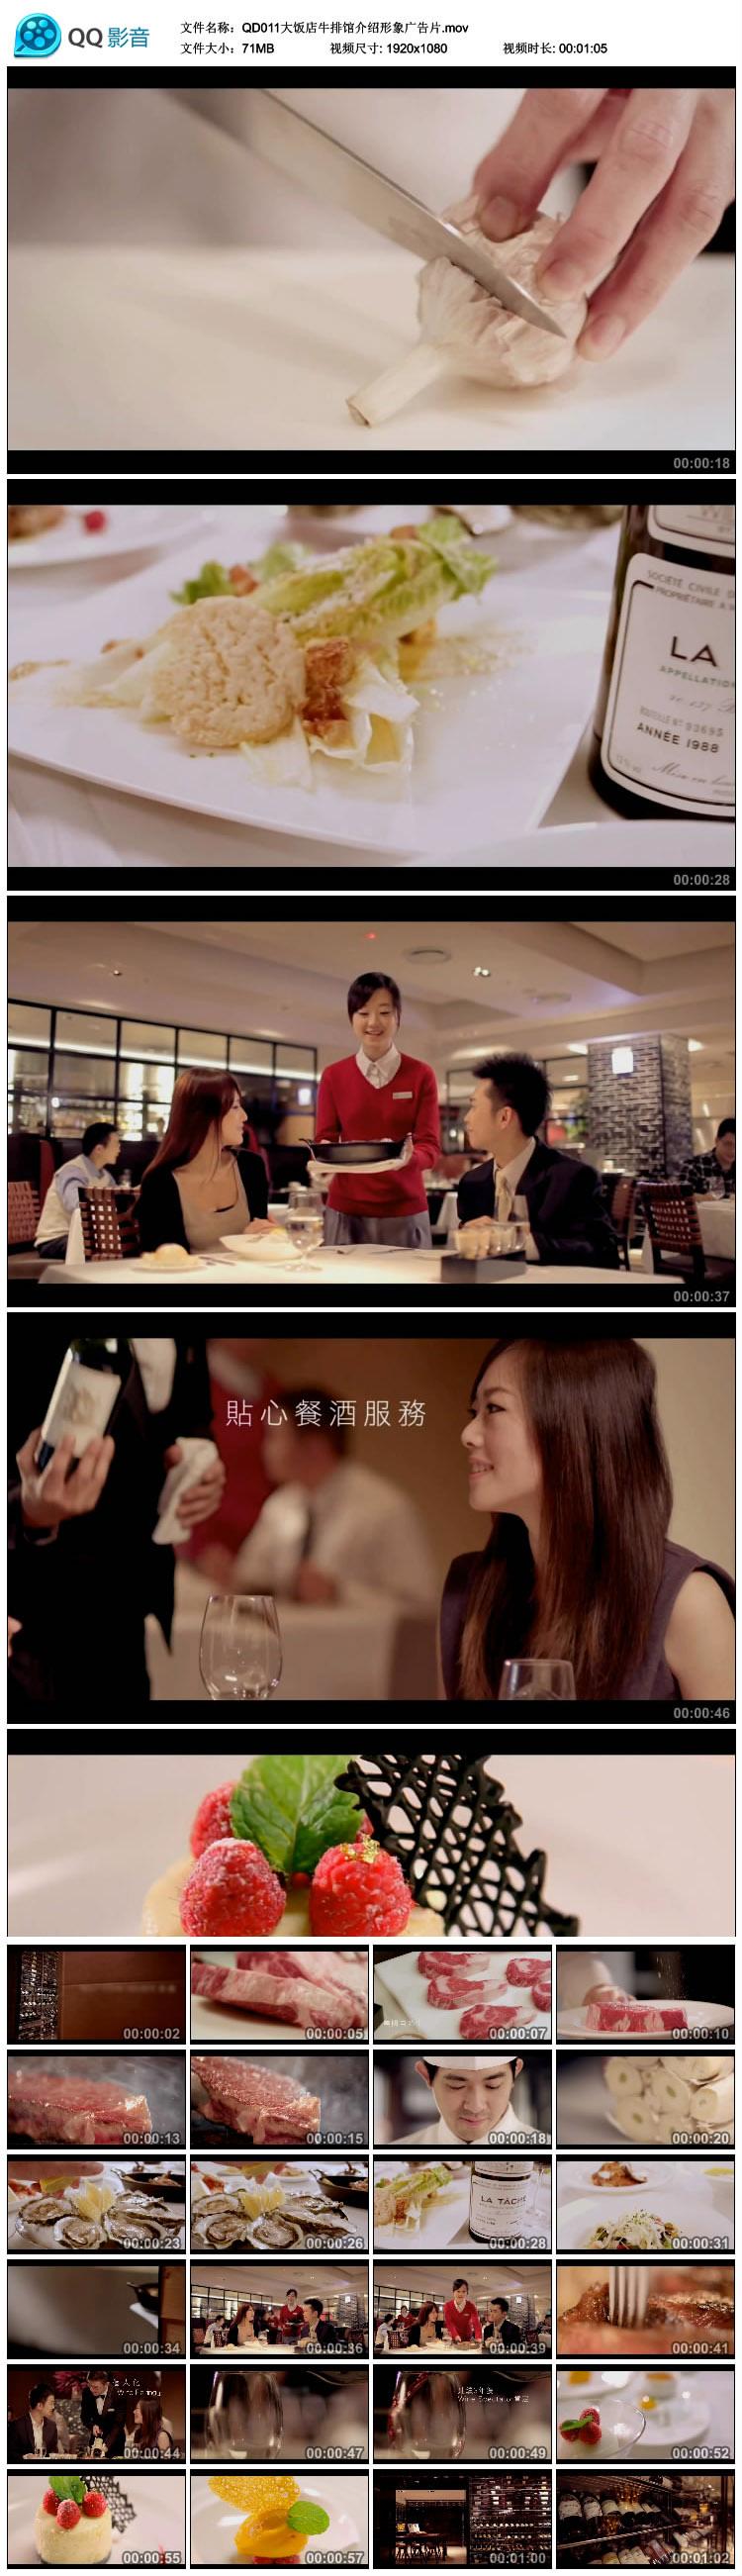 酒店饭店西餐厅牛排馆牛排介绍形象广告片高清实拍视频素材